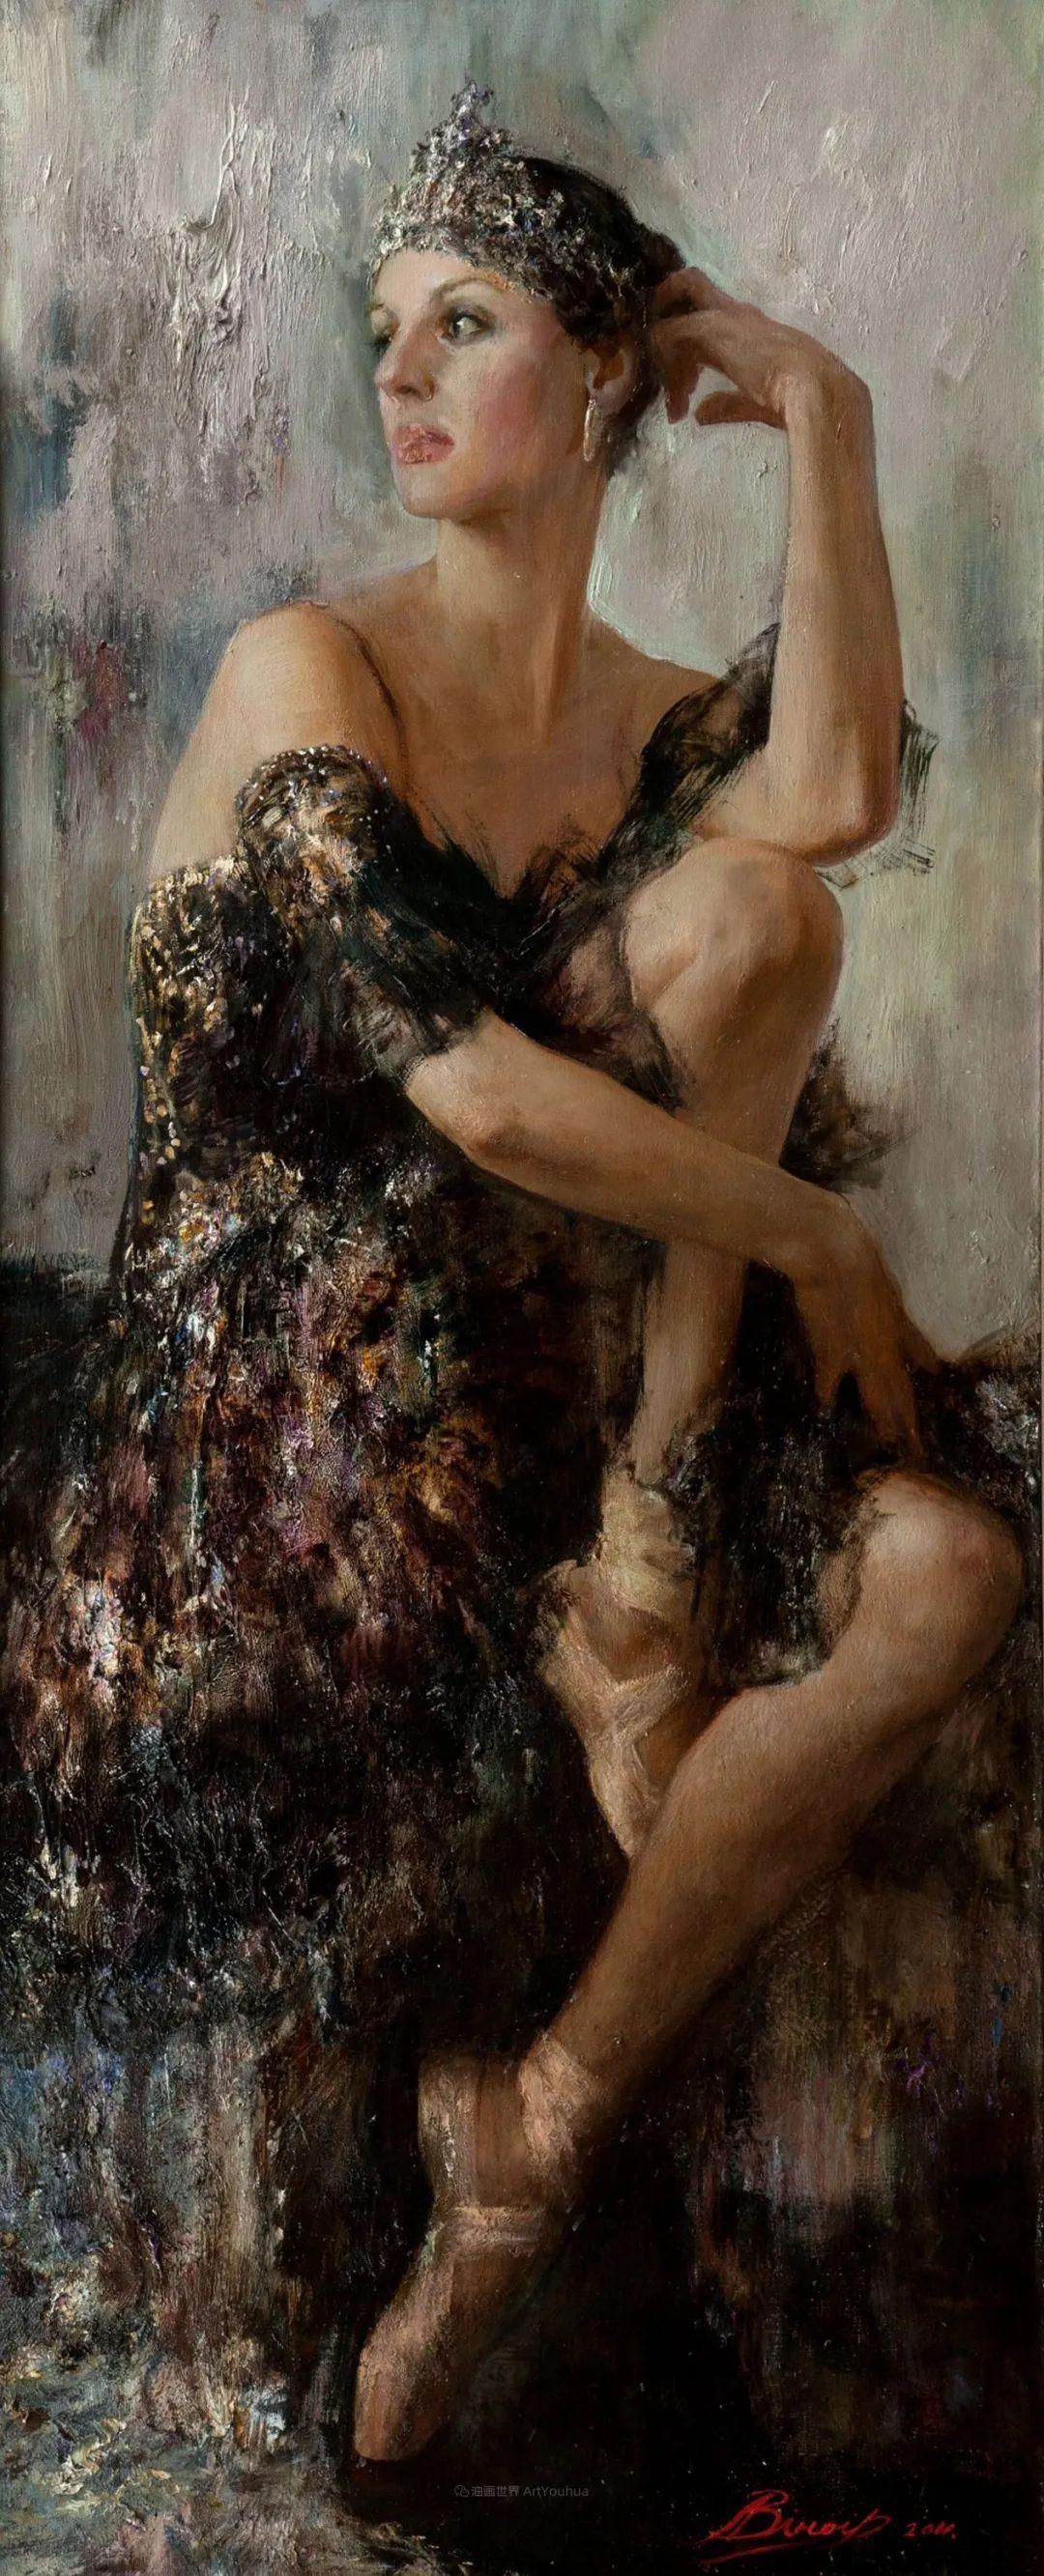 芭蕾舞蹈,俄罗斯女画家安娜·维诺加拉多娃插图51